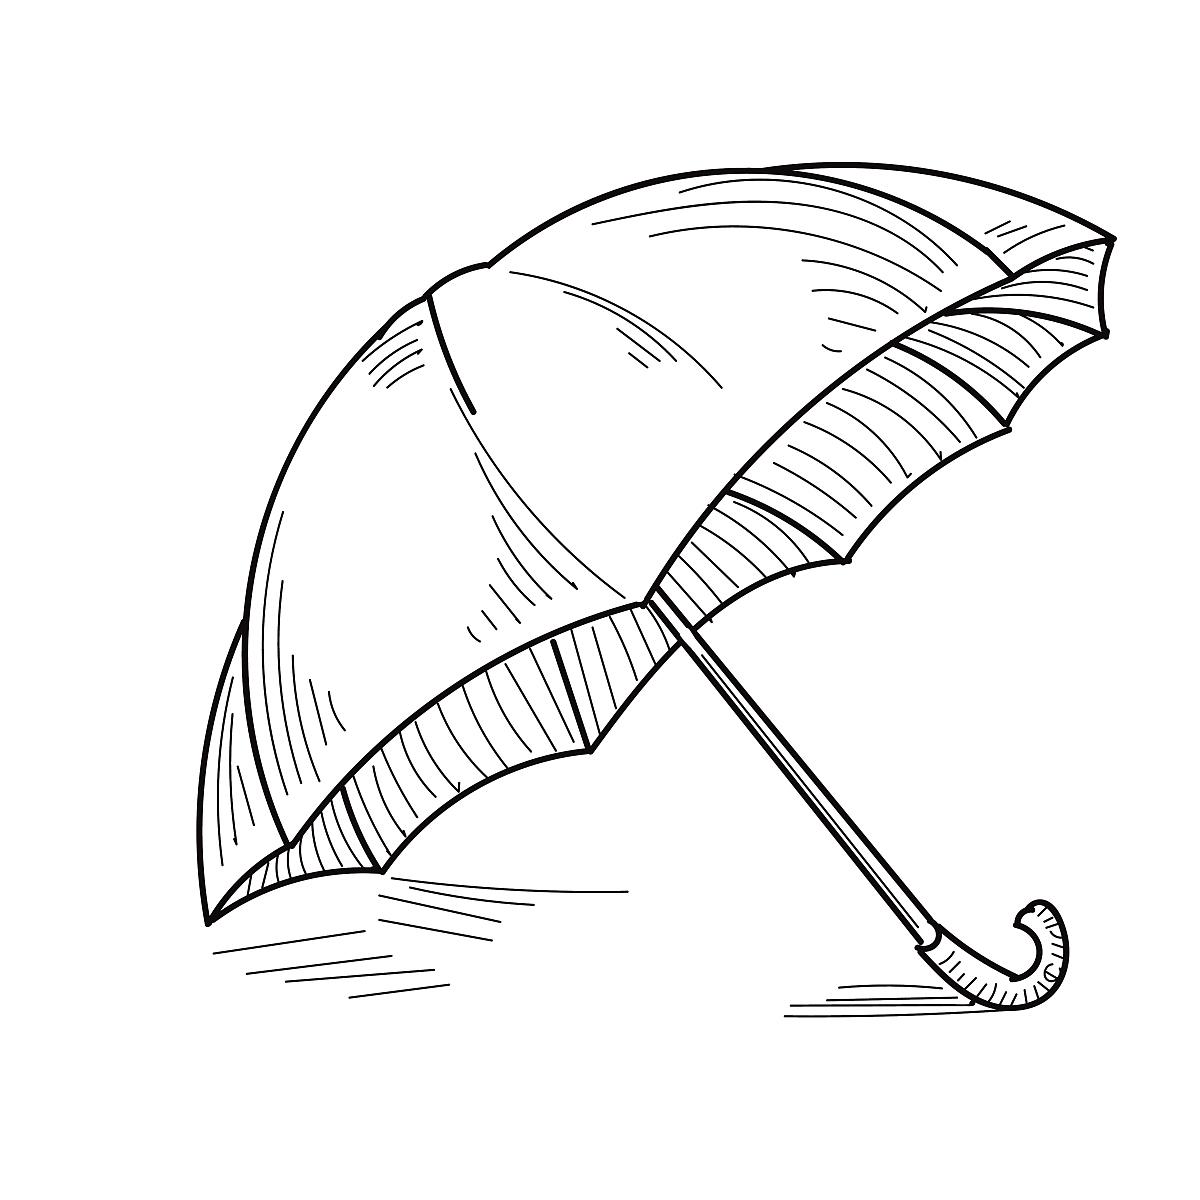 一个物体,简单背景,简单,保护,数码图形,伞,阴影,阳伞,线条画,草图图片